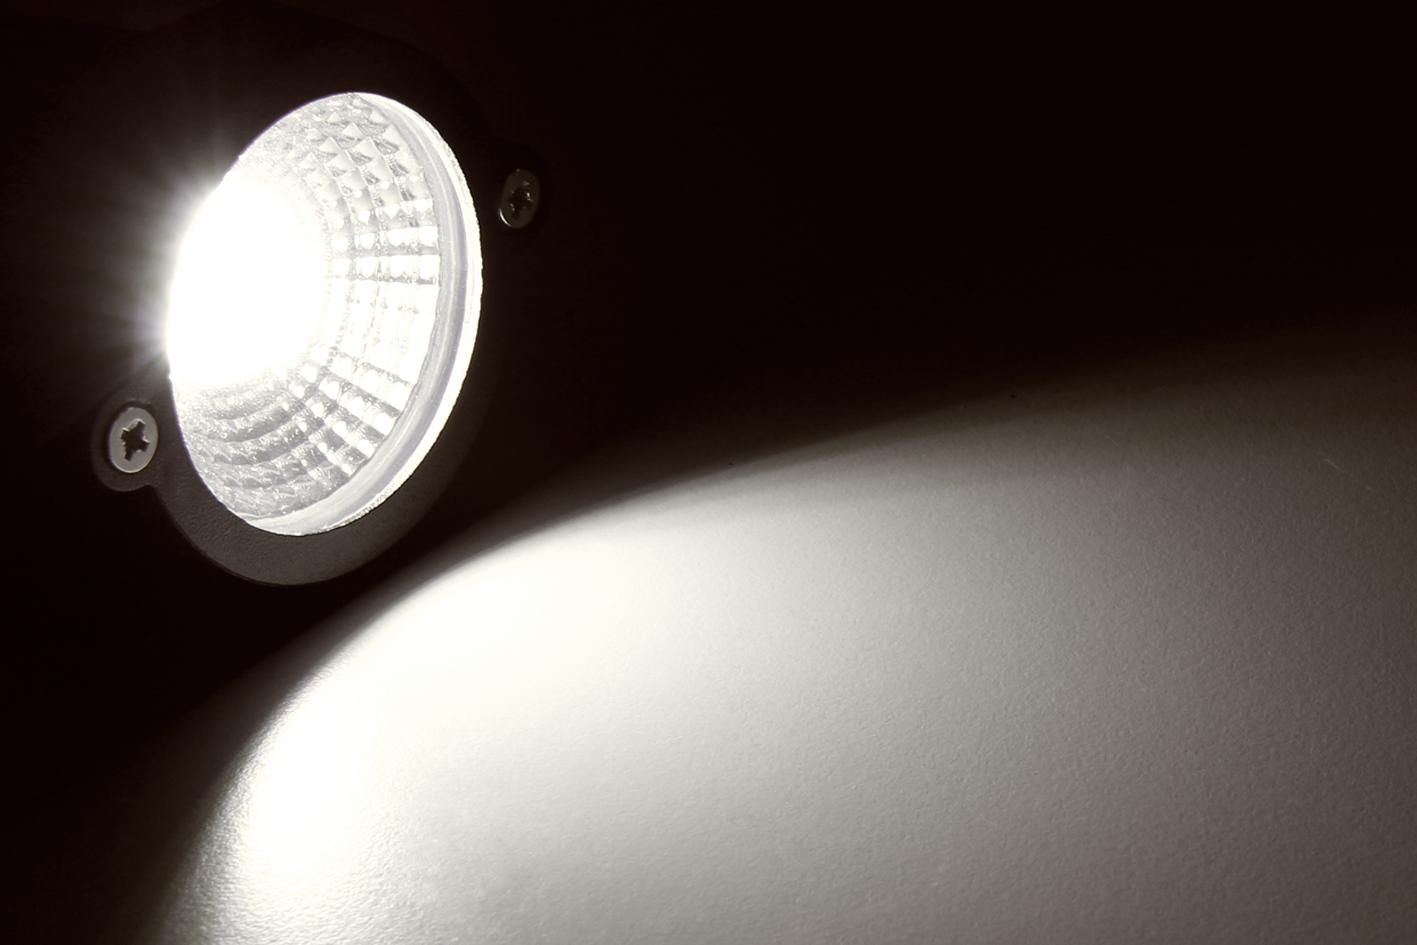 LED-Gartenleuchte McShine ''GL-50W'', 5W, 500 lm, warmweiß, 1,5m Kabel, Erdspieß